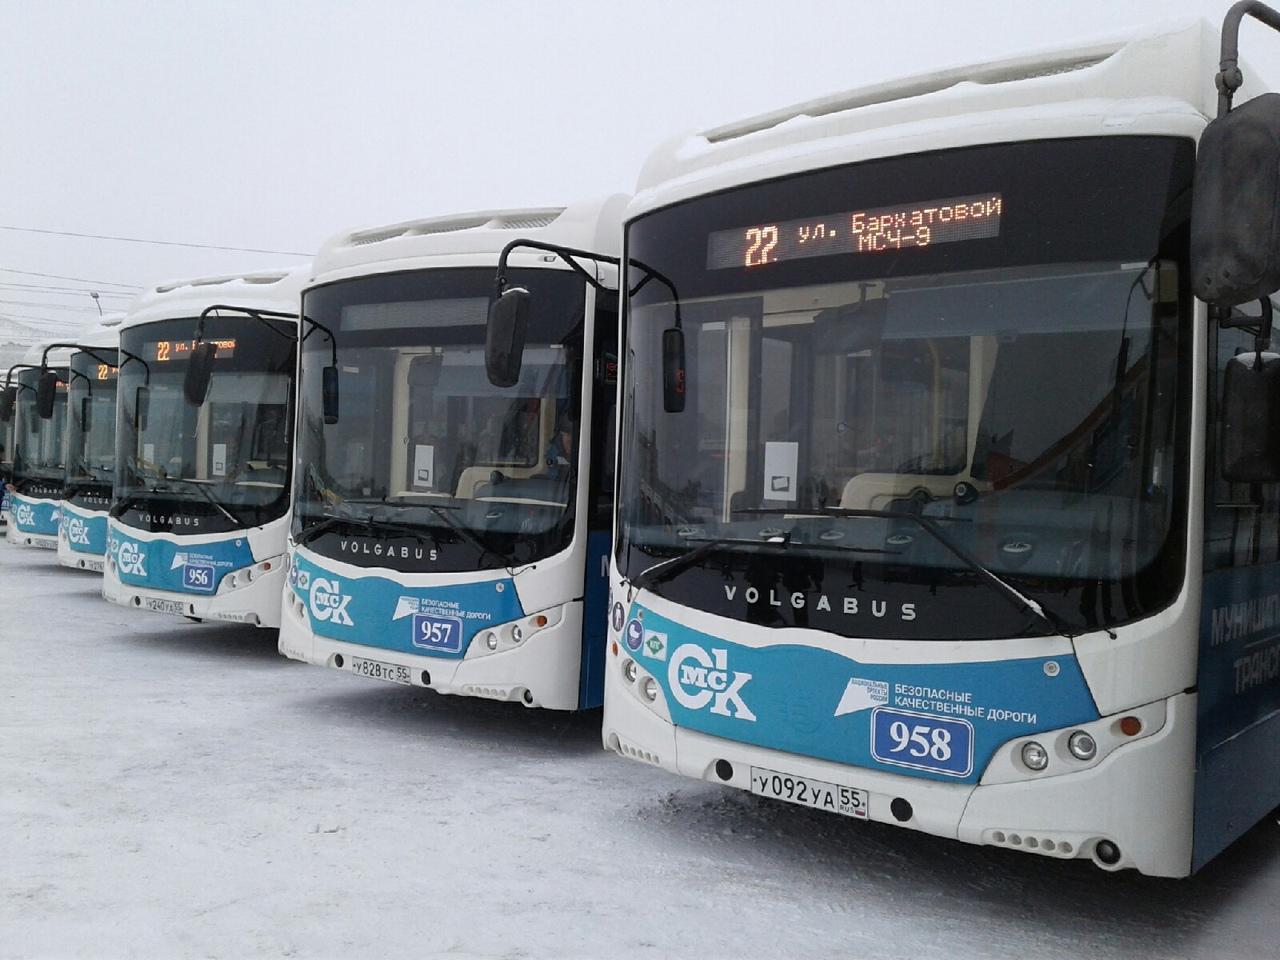 После концерта Artik & Asti омичей развезут по домам 30 автобусов и троллейбусов #Новости #Общество #Омск